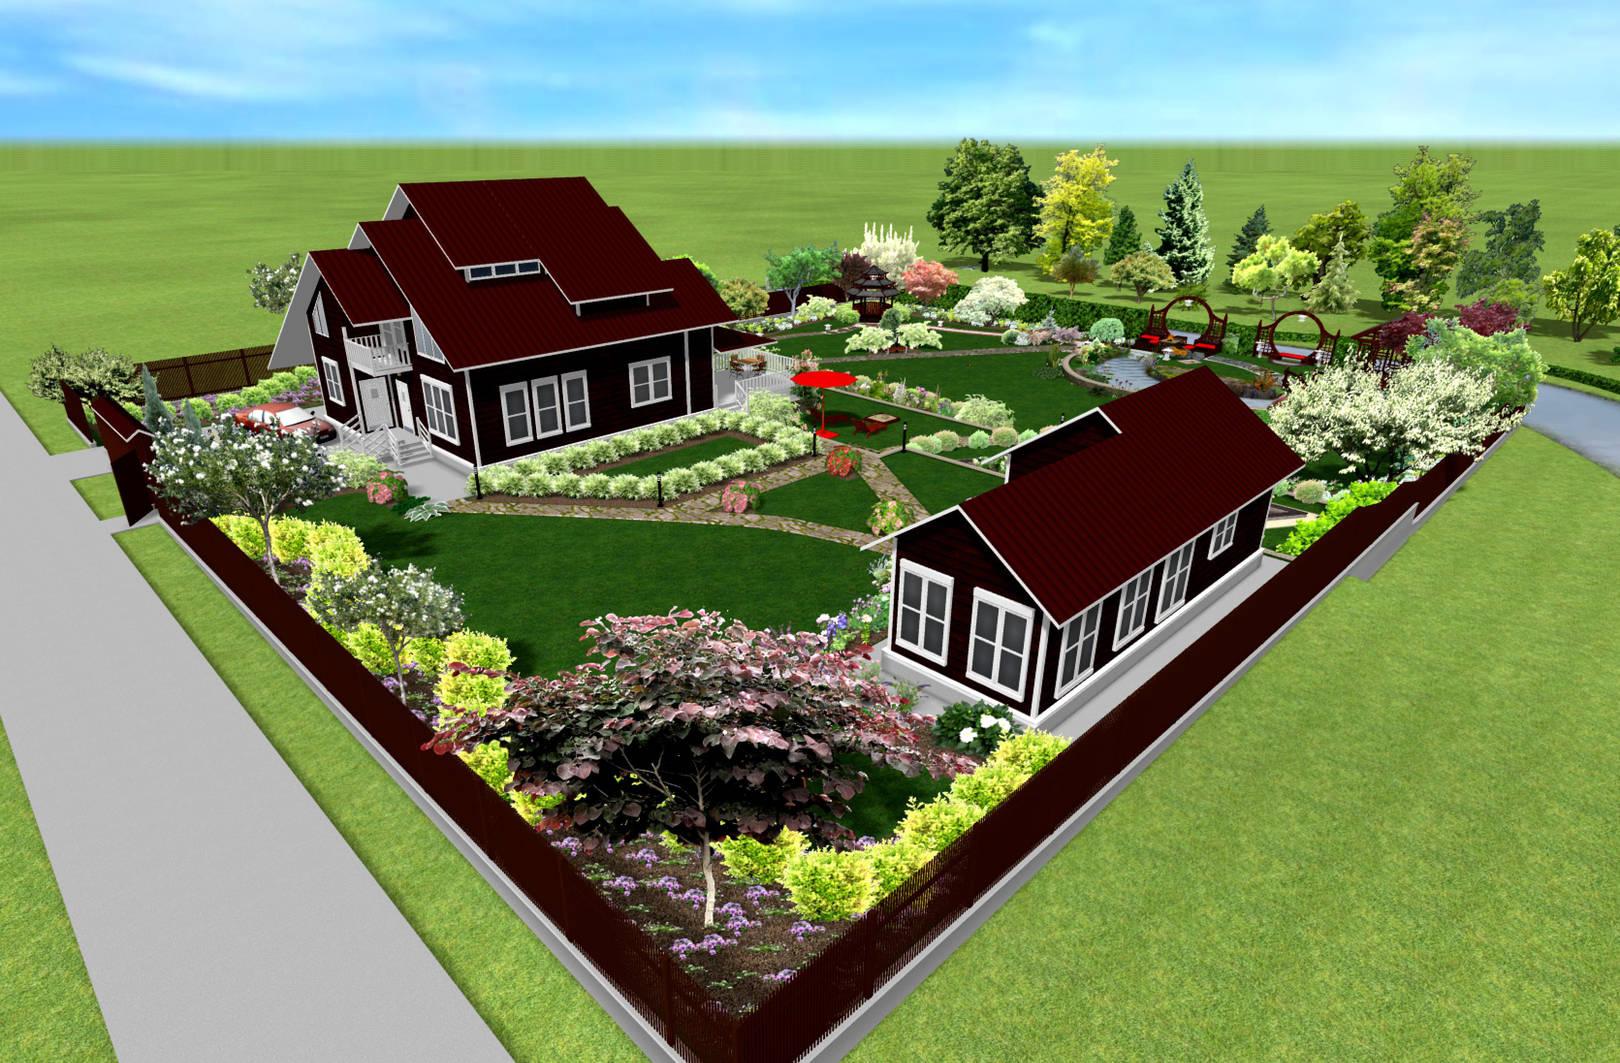 Загородный дом участок планировка картинки